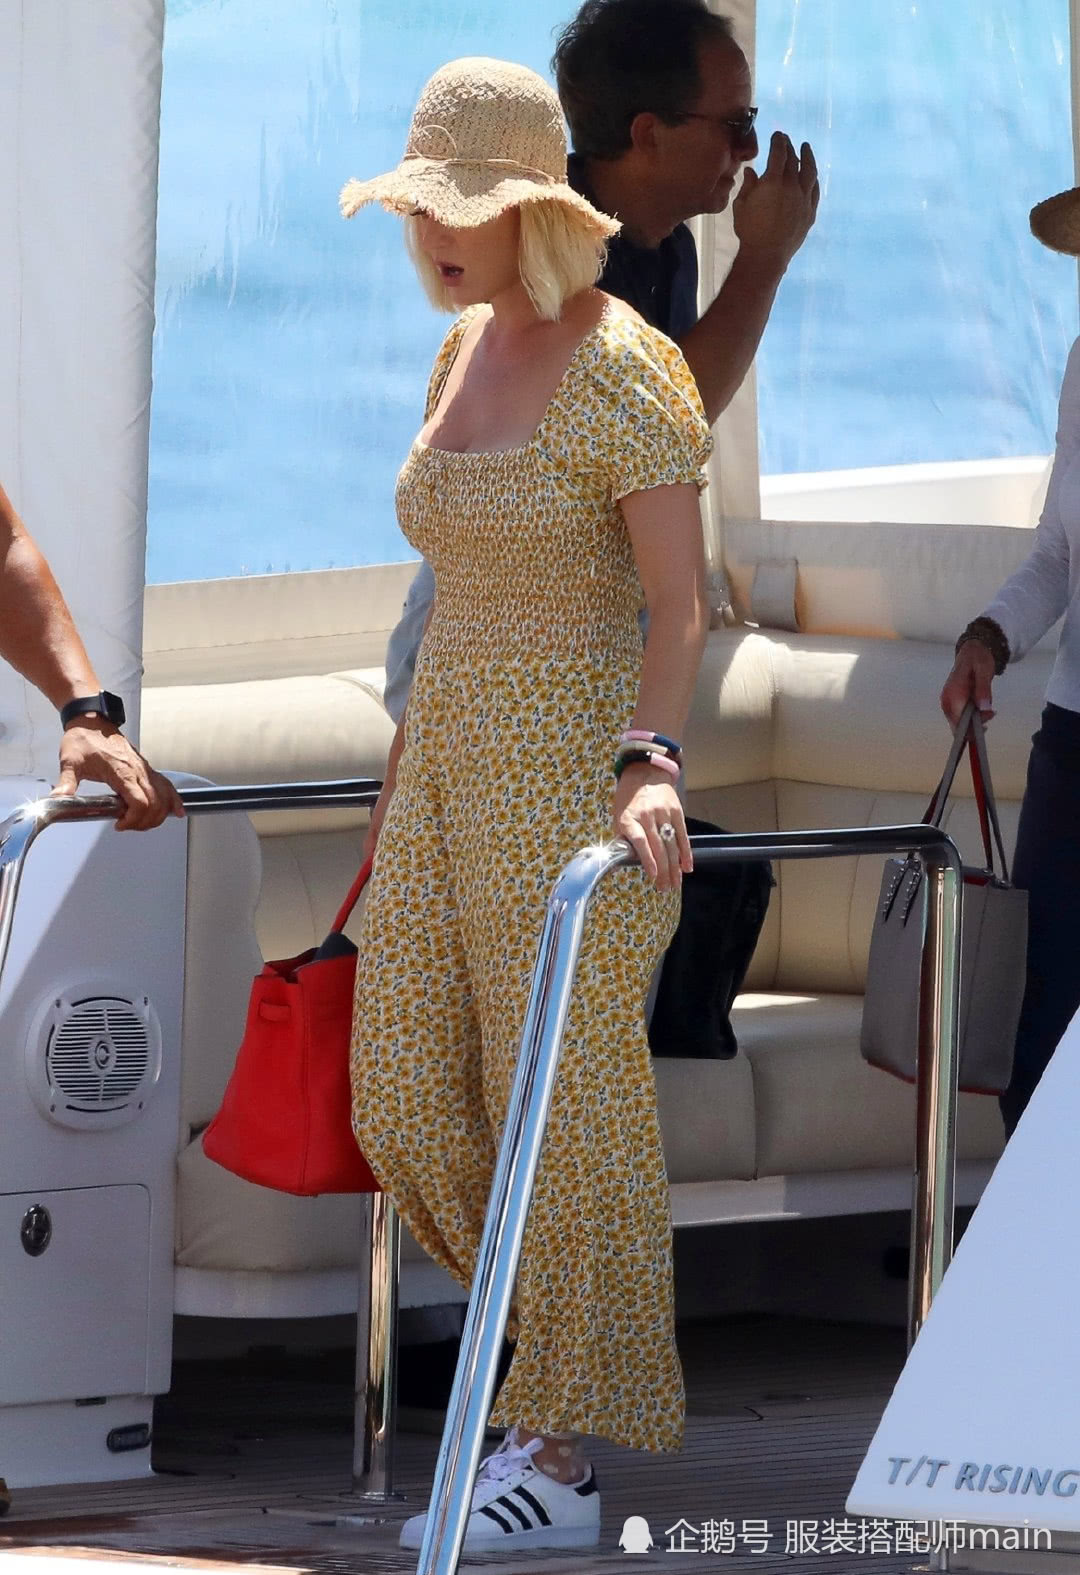 水果姐凯蒂碎花连体裤海边度假,戴草帽元气十足,35岁依旧少女